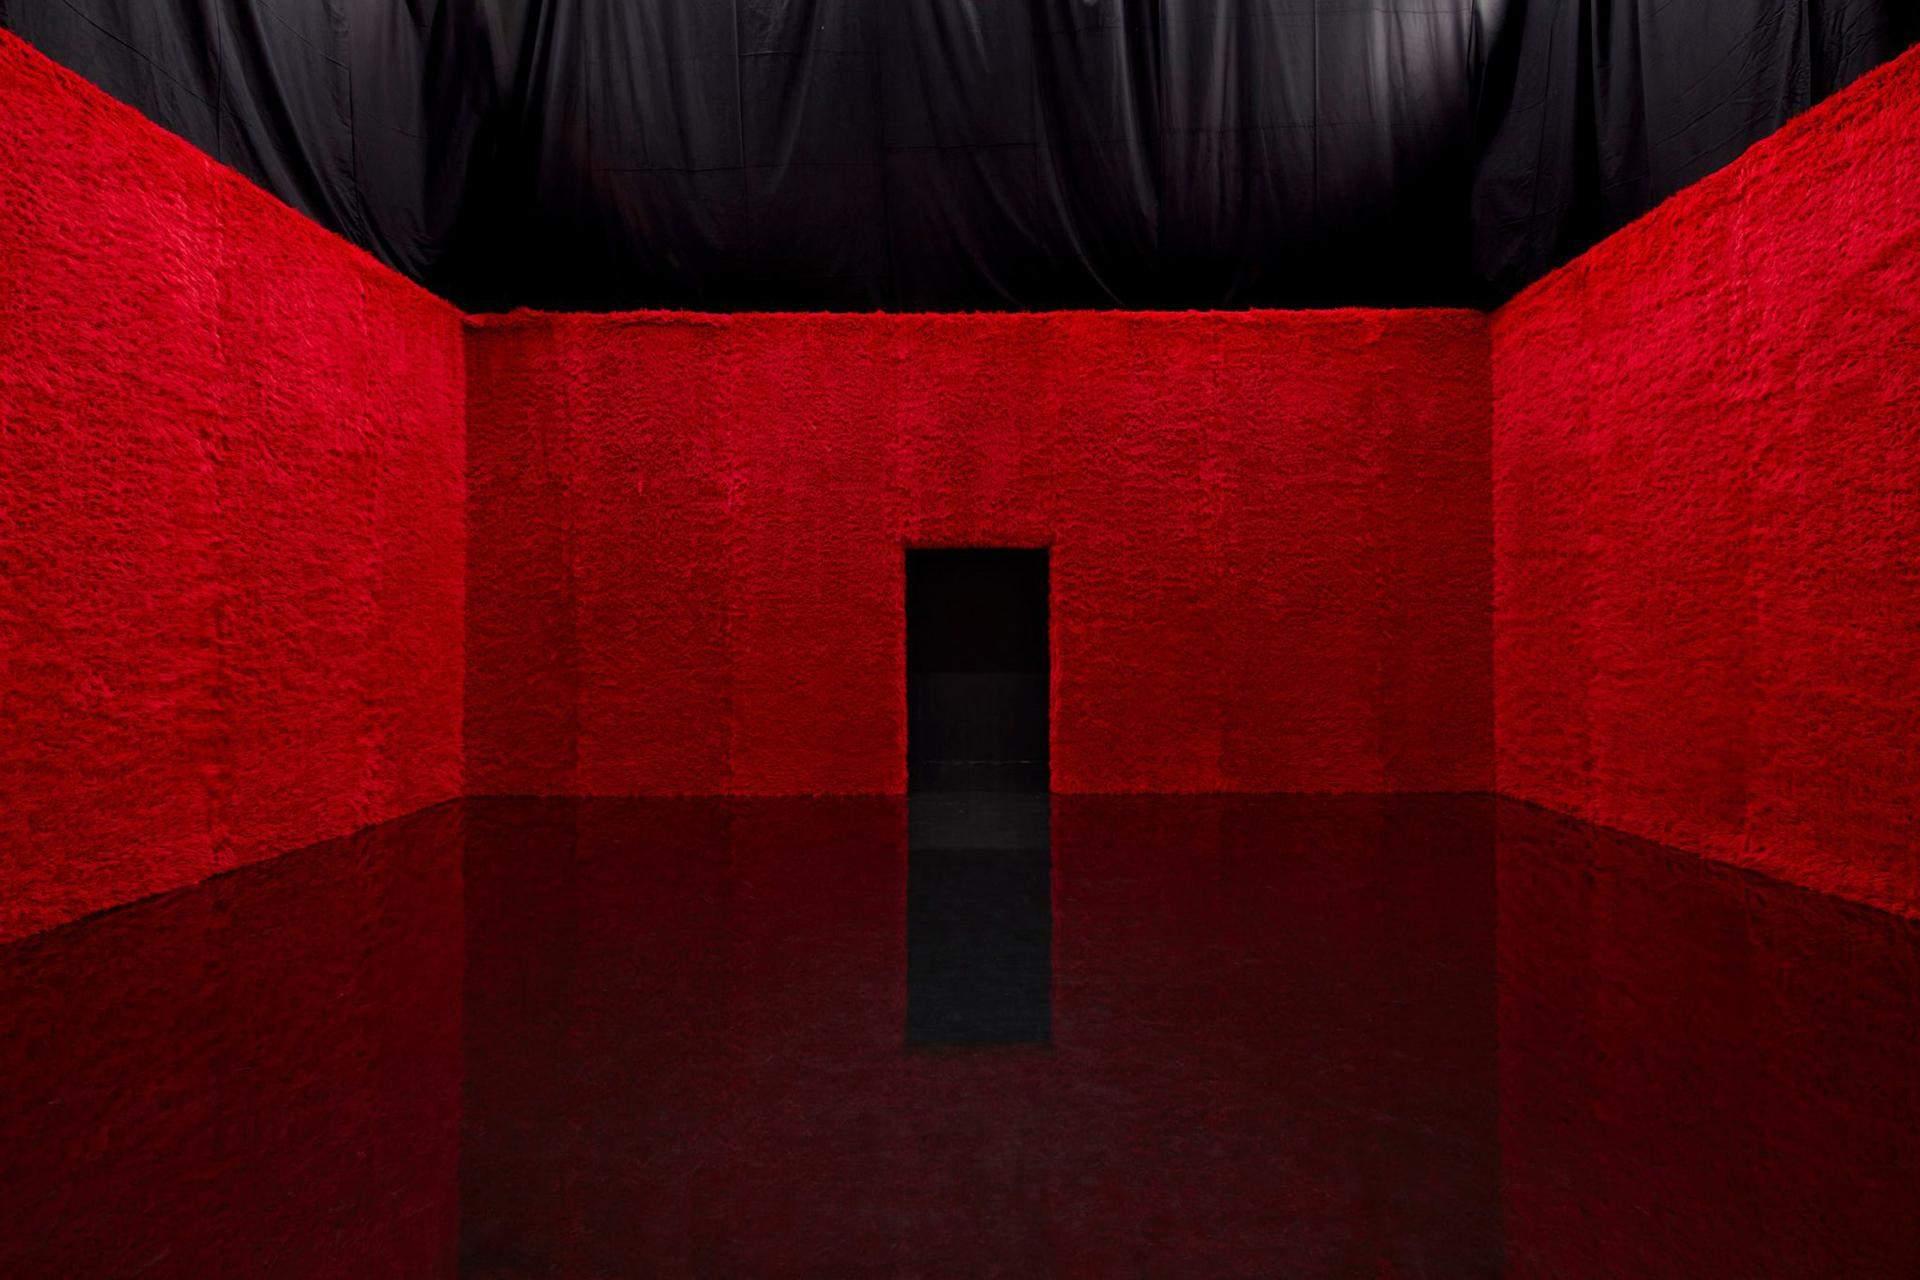 Одна из самых впечатляющих комнат в красно-черном цвете